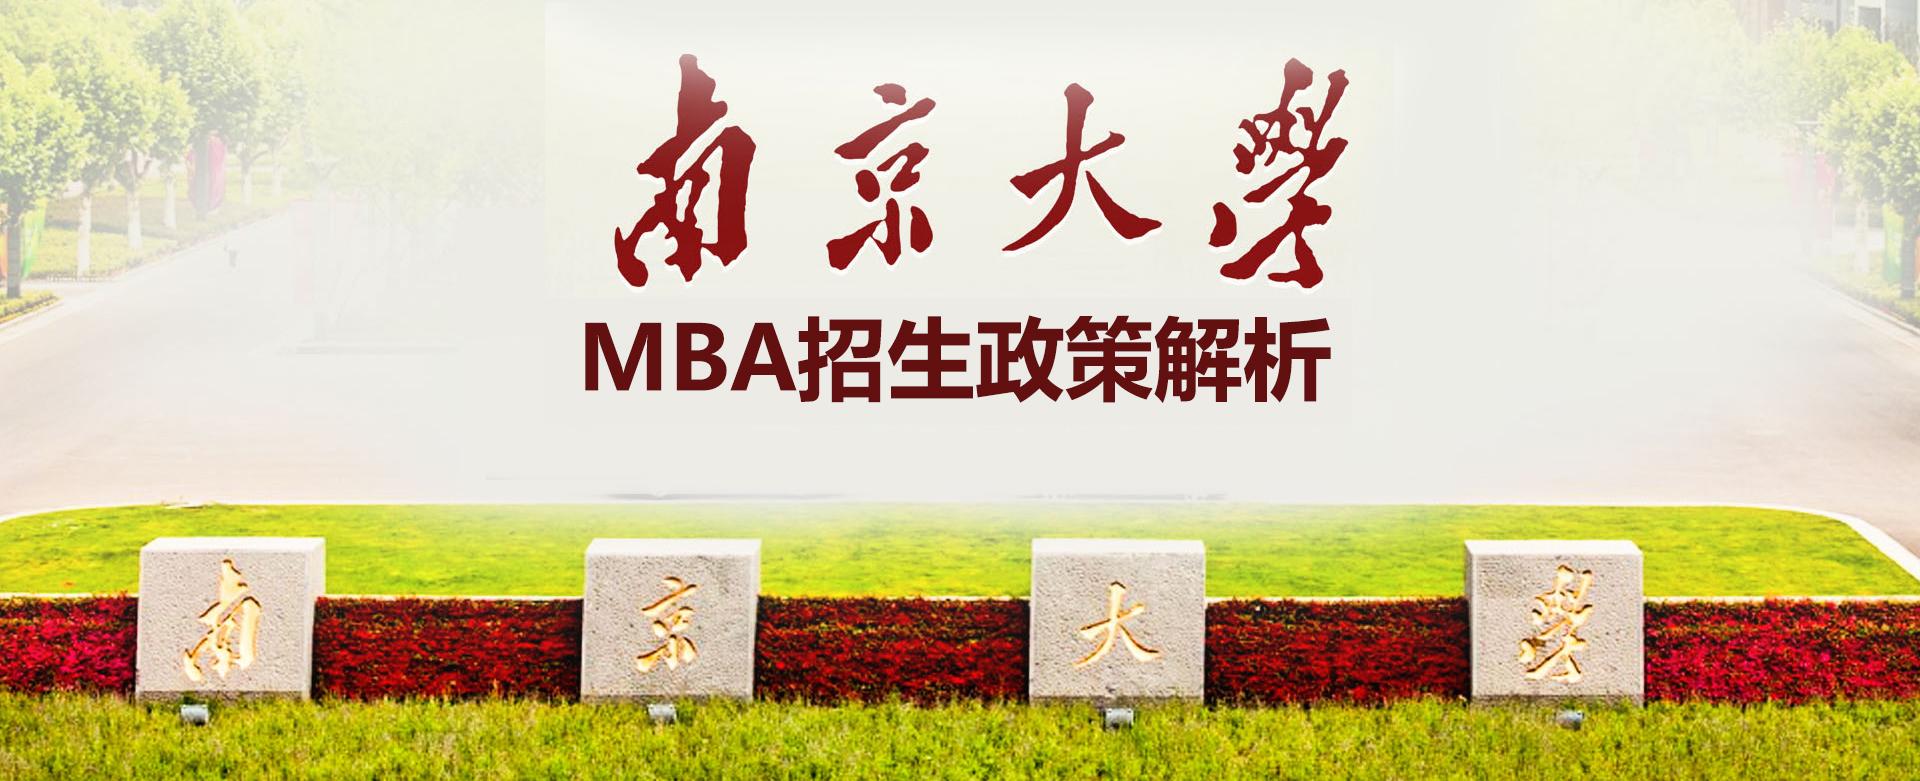 南京大学 MBA 招生政策解析